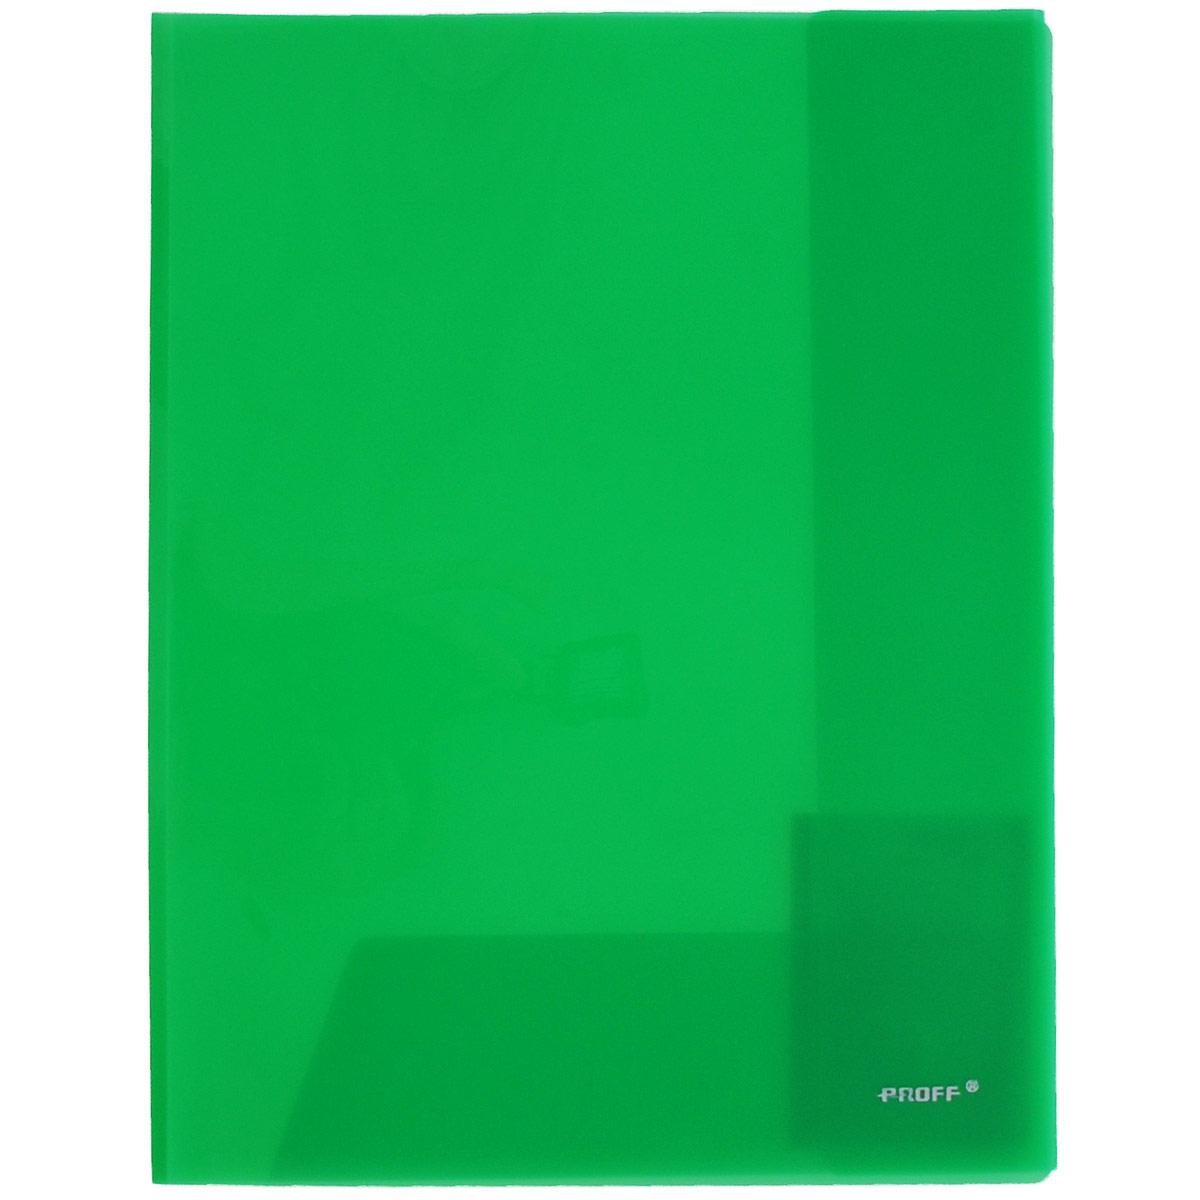 Папка-уголок Proff, цвет: зеленый, 2 клапана. Формат А4FS-36052Папка-уголок Proff, изготовленная из высококачественного полипропилена, это удобный и практичный офисный инструмент, предназначенный для хранения и транспортировки рабочих бумаг и документов формата А4. Полупрозрачная папка оснащена двумя клапана внутри для надежного удержания бумаг. Папка-уголок - это незаменимый атрибут для студента, школьника, офисного работника. Такая папка надежно сохранит ваши документы и сбережет их от повреждений, пыли и влаги.